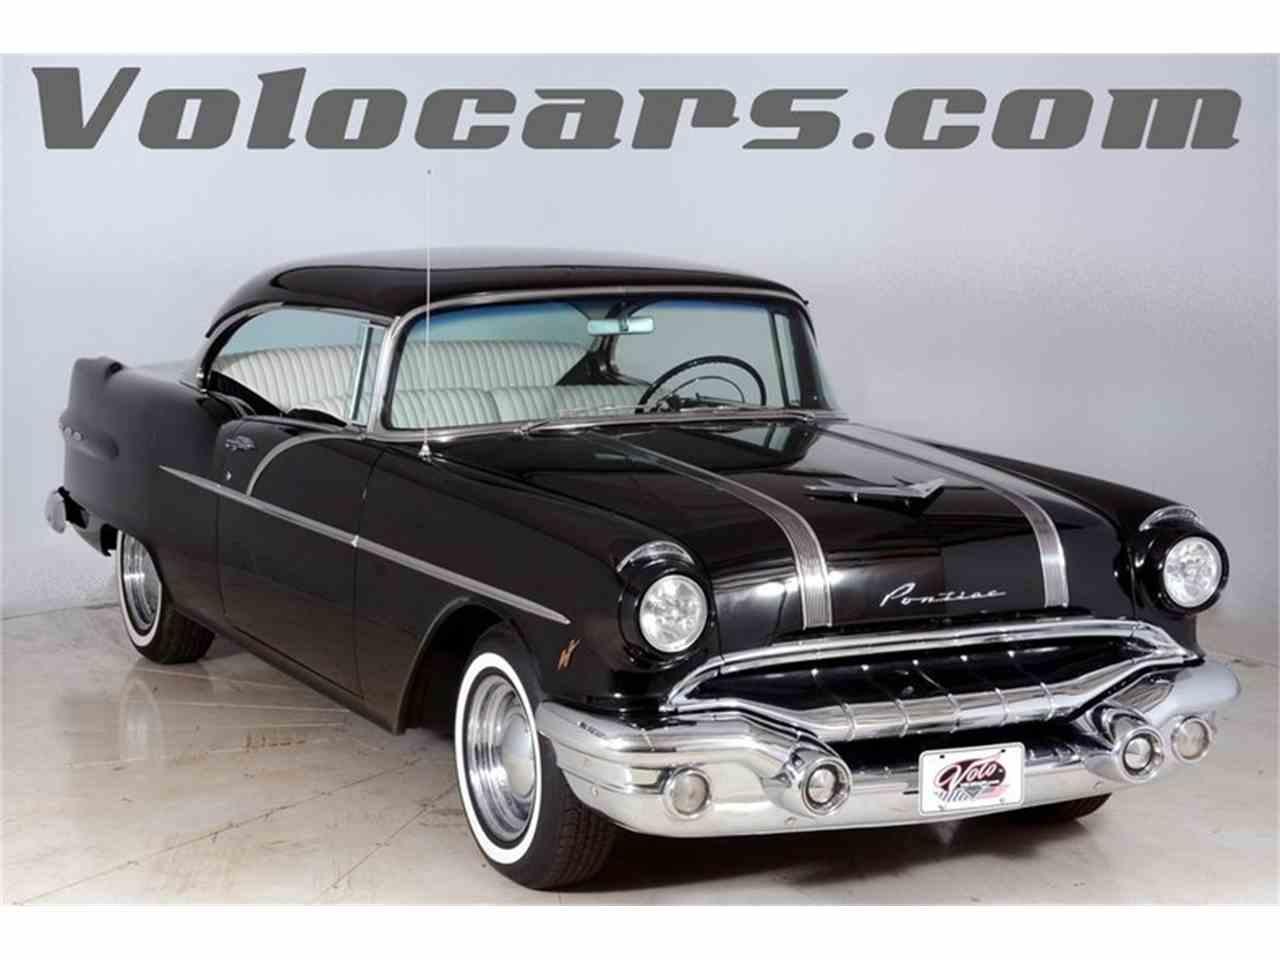 Pics photos 1958 pontiac for sale - 1956 Pontiac Chieftain 1010712